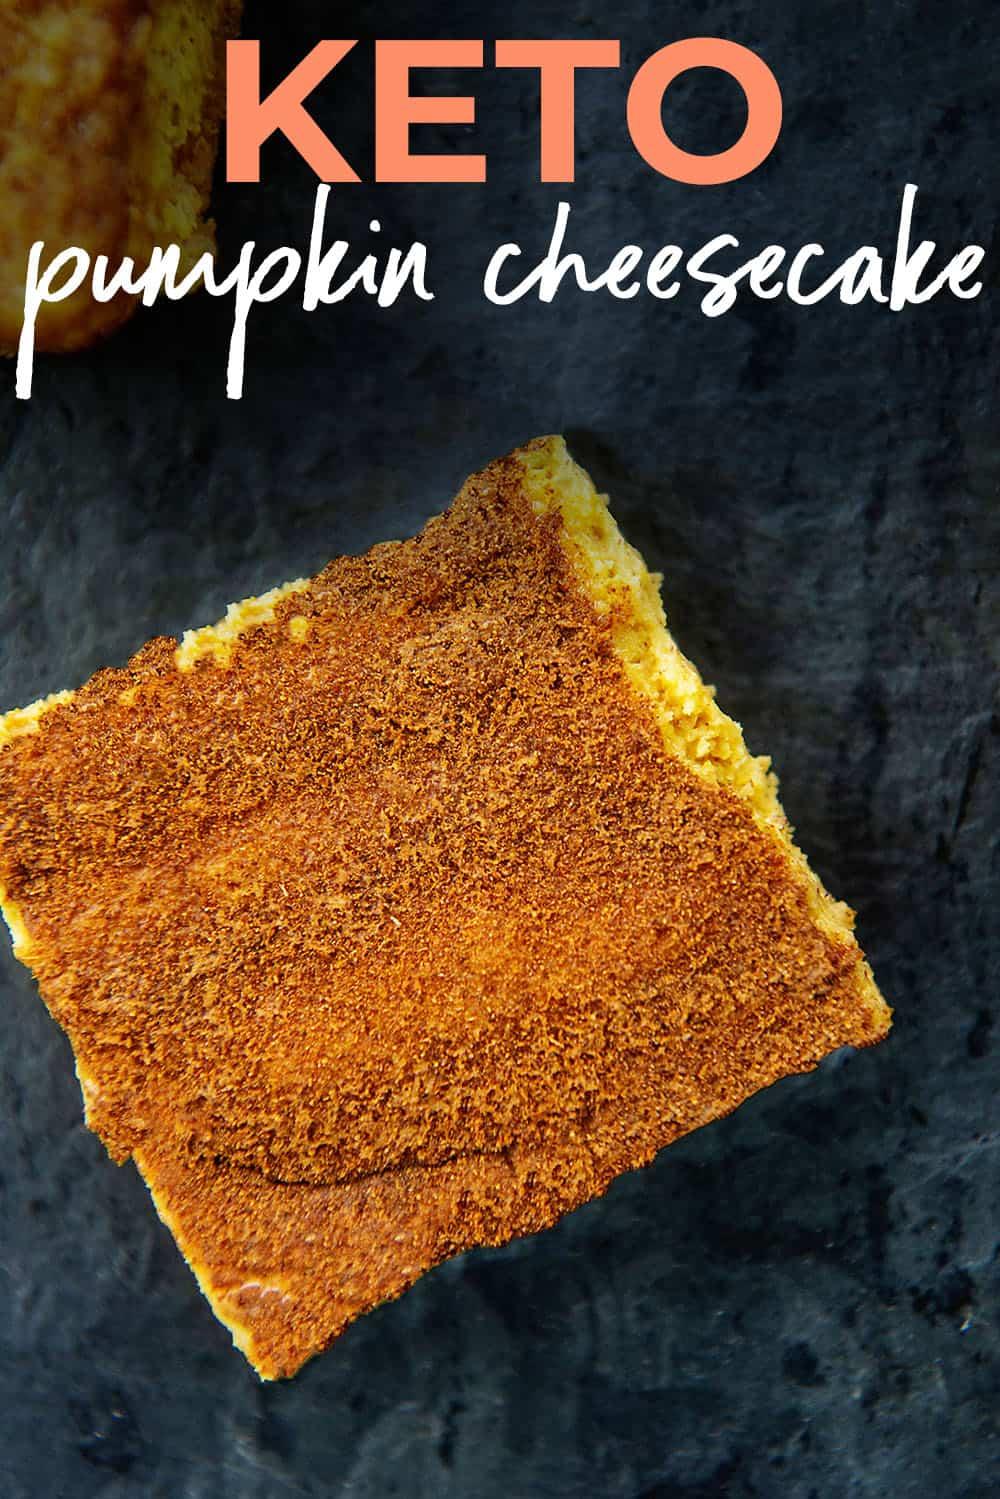 keto pumpkin cheesecake.